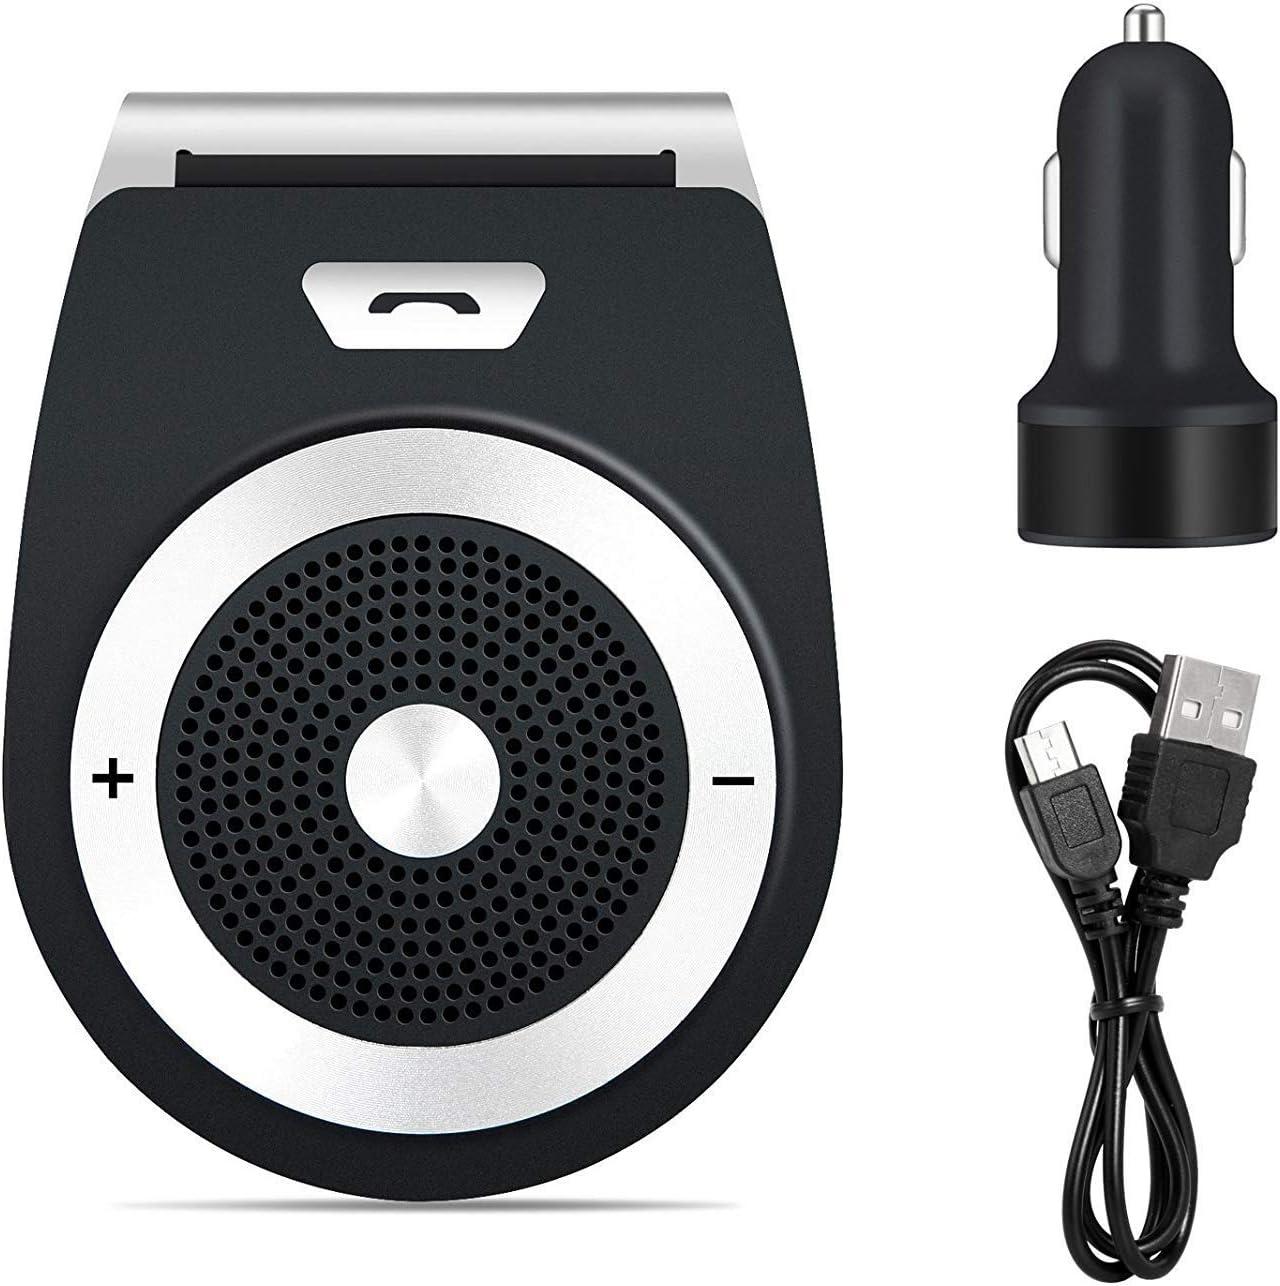 ADUDS Manos Libres Bluetooth 4.1 Coche Kit, reducción de Eco y Ruido de Fondo para la Visera Soporta GPS,Universal, Música, Altavoz Inalámbrico para Teléfonos Móviles, conectar Dos teléfonos